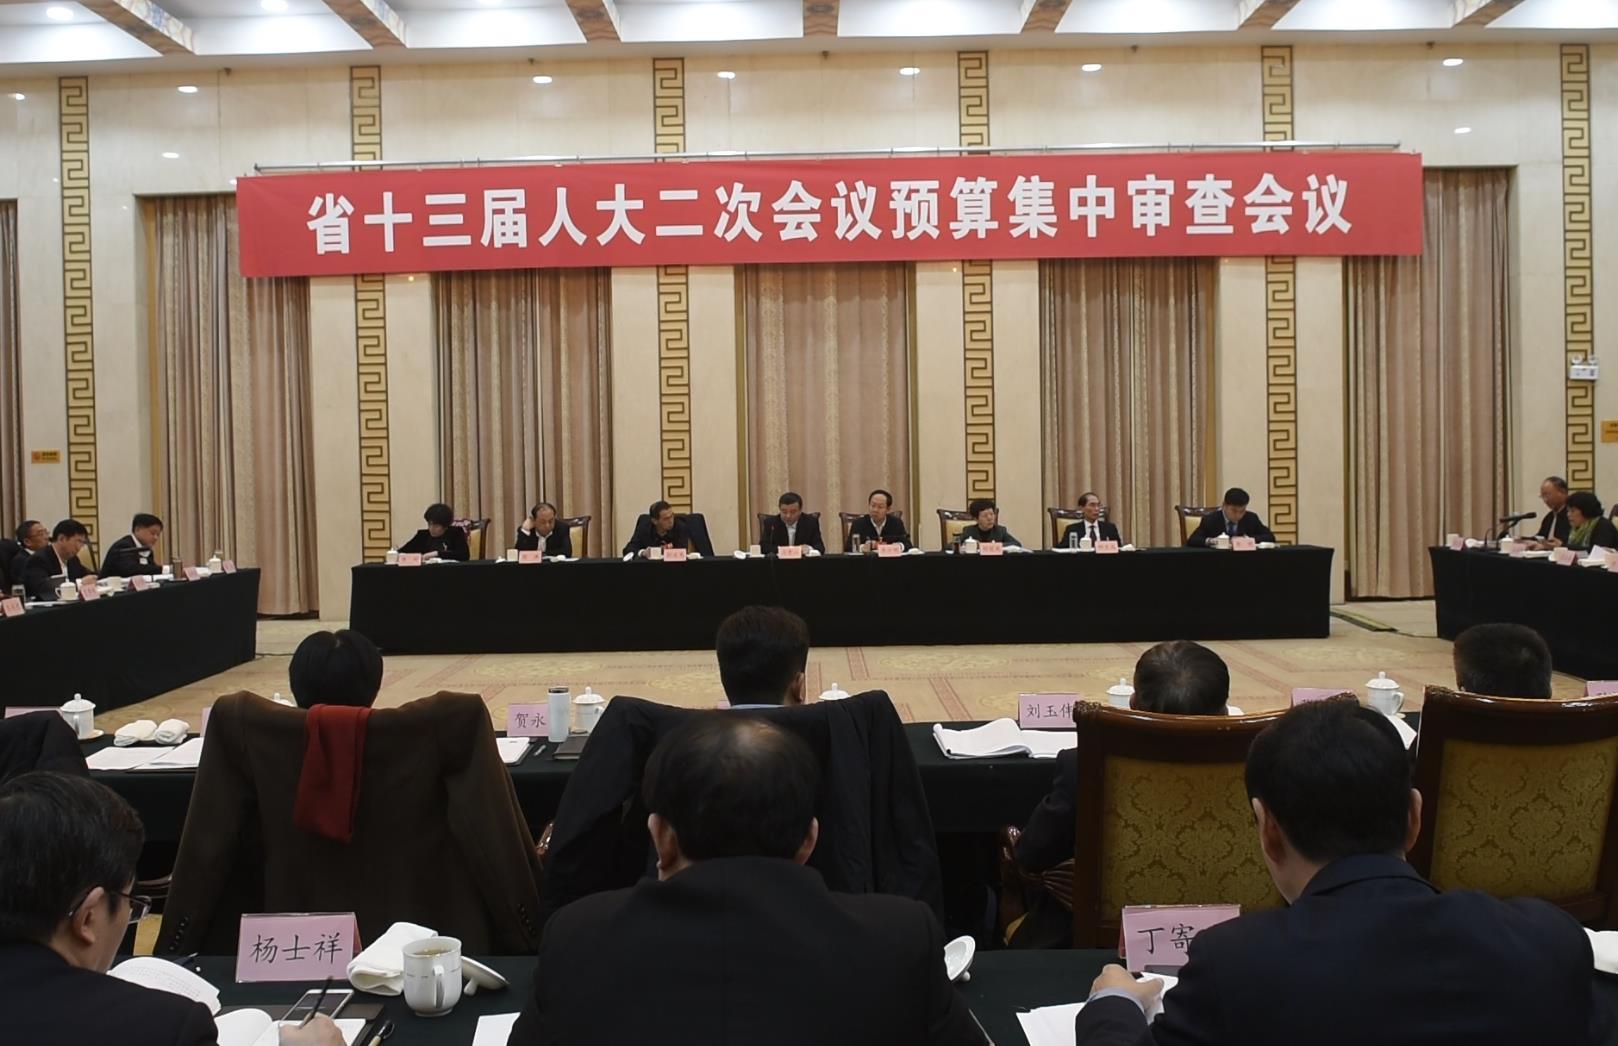 省十三届人大二次会议对政府预算报告和预算草案开展集中审查